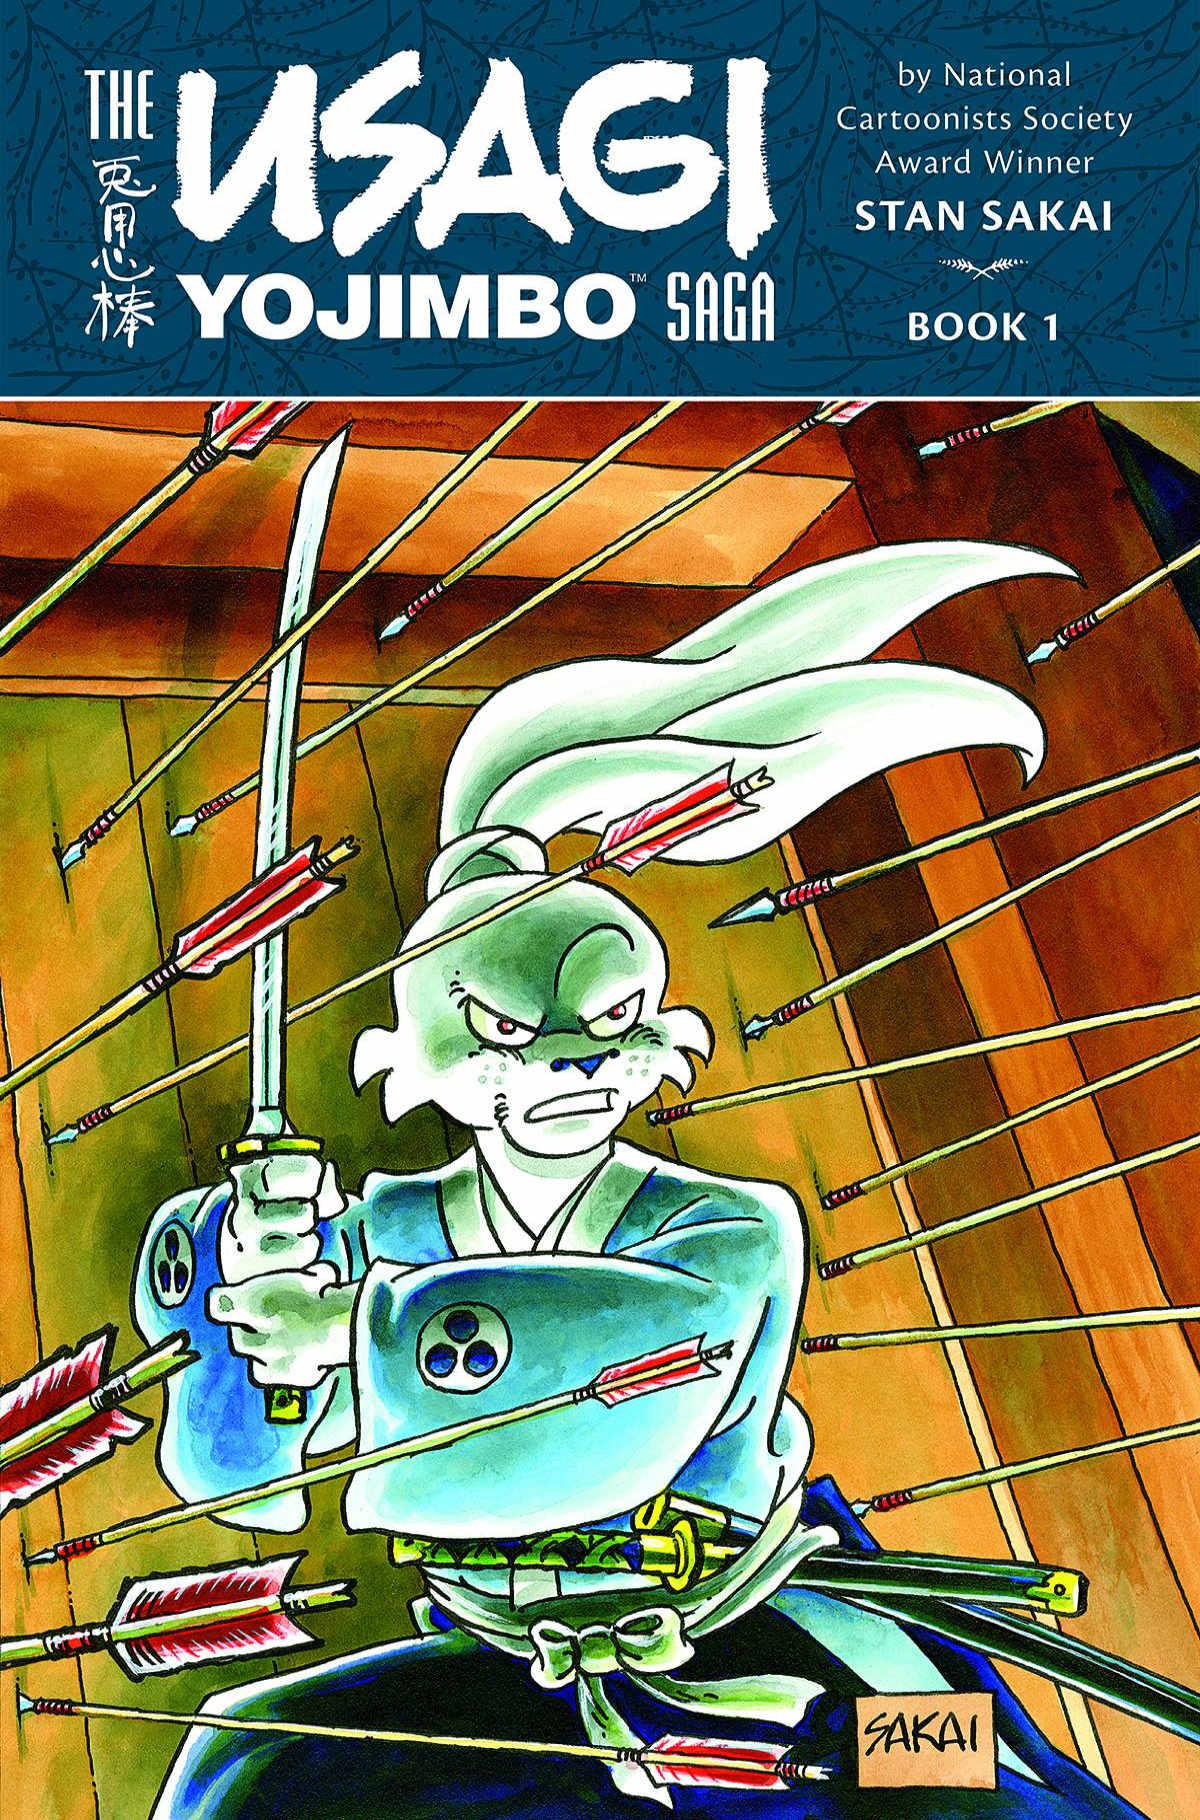 Usagi Yojimbo Saga Vol 1